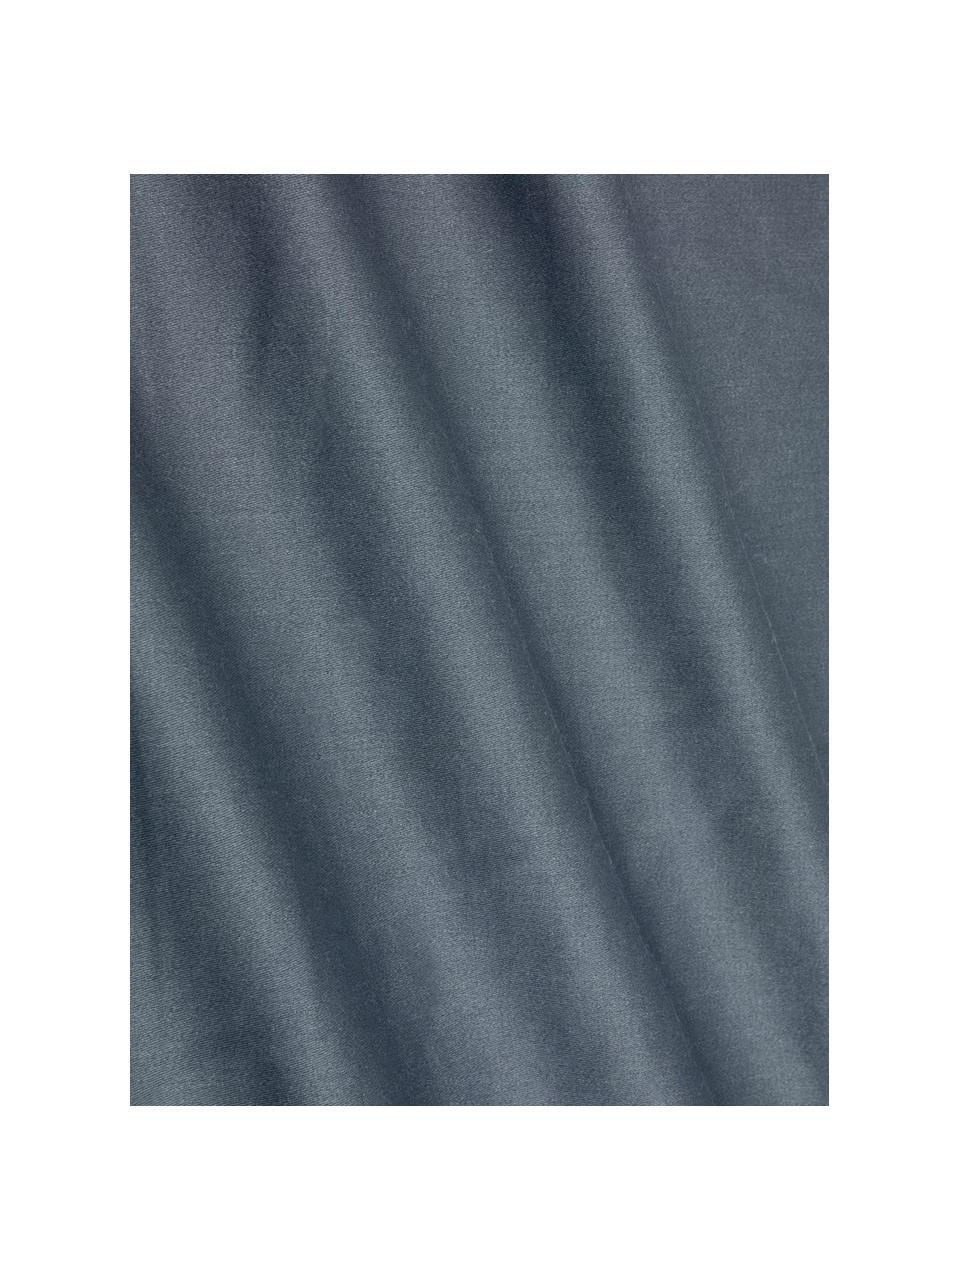 Poszewka na poduszkę z satyny bawełnianej Flora, 2szt., Przód: wielobarwny Tył: ciemny szary, S 40 x D 80 cm